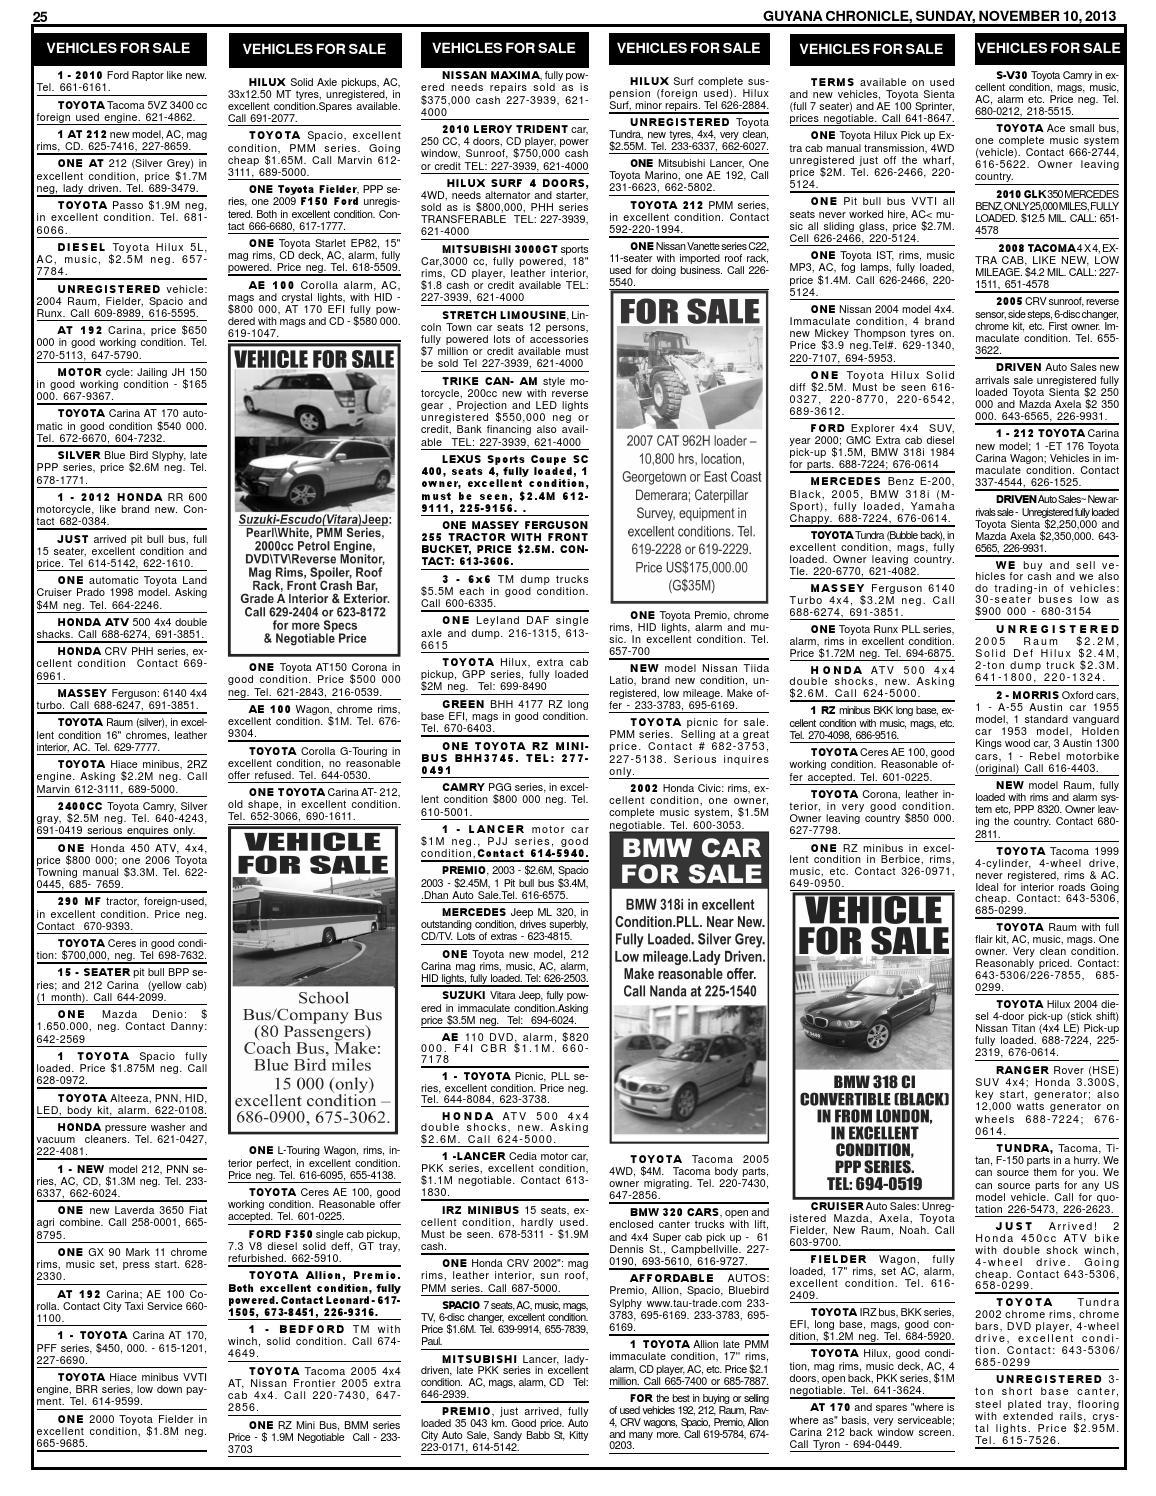 Guyana chronicle november 10 2013 by Chronicle - issuu